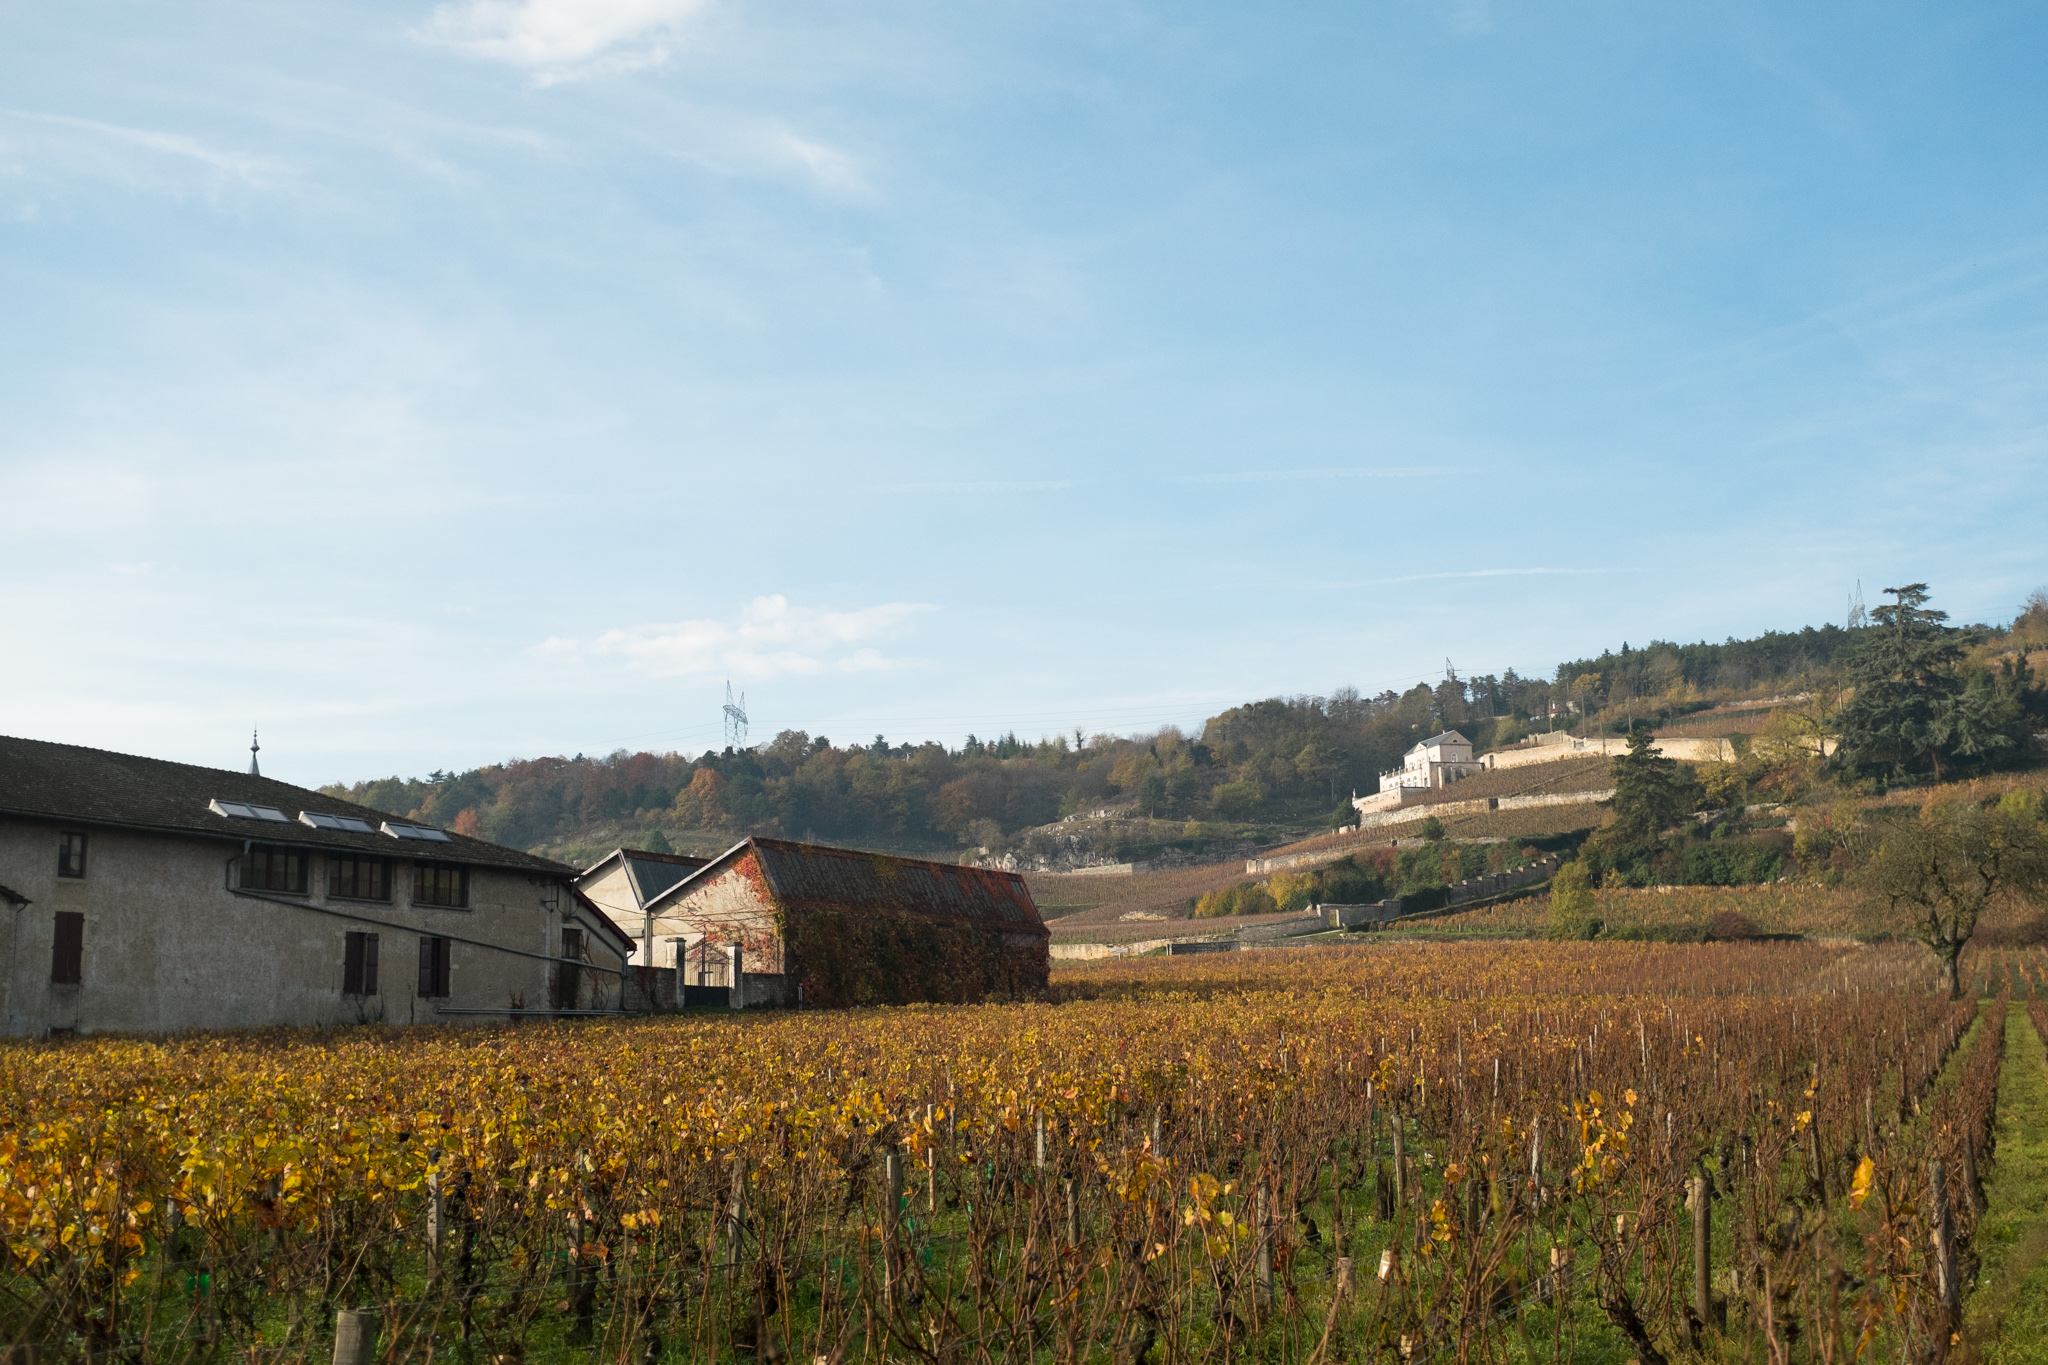 6612-nature-bourgogne-landscape.jpg